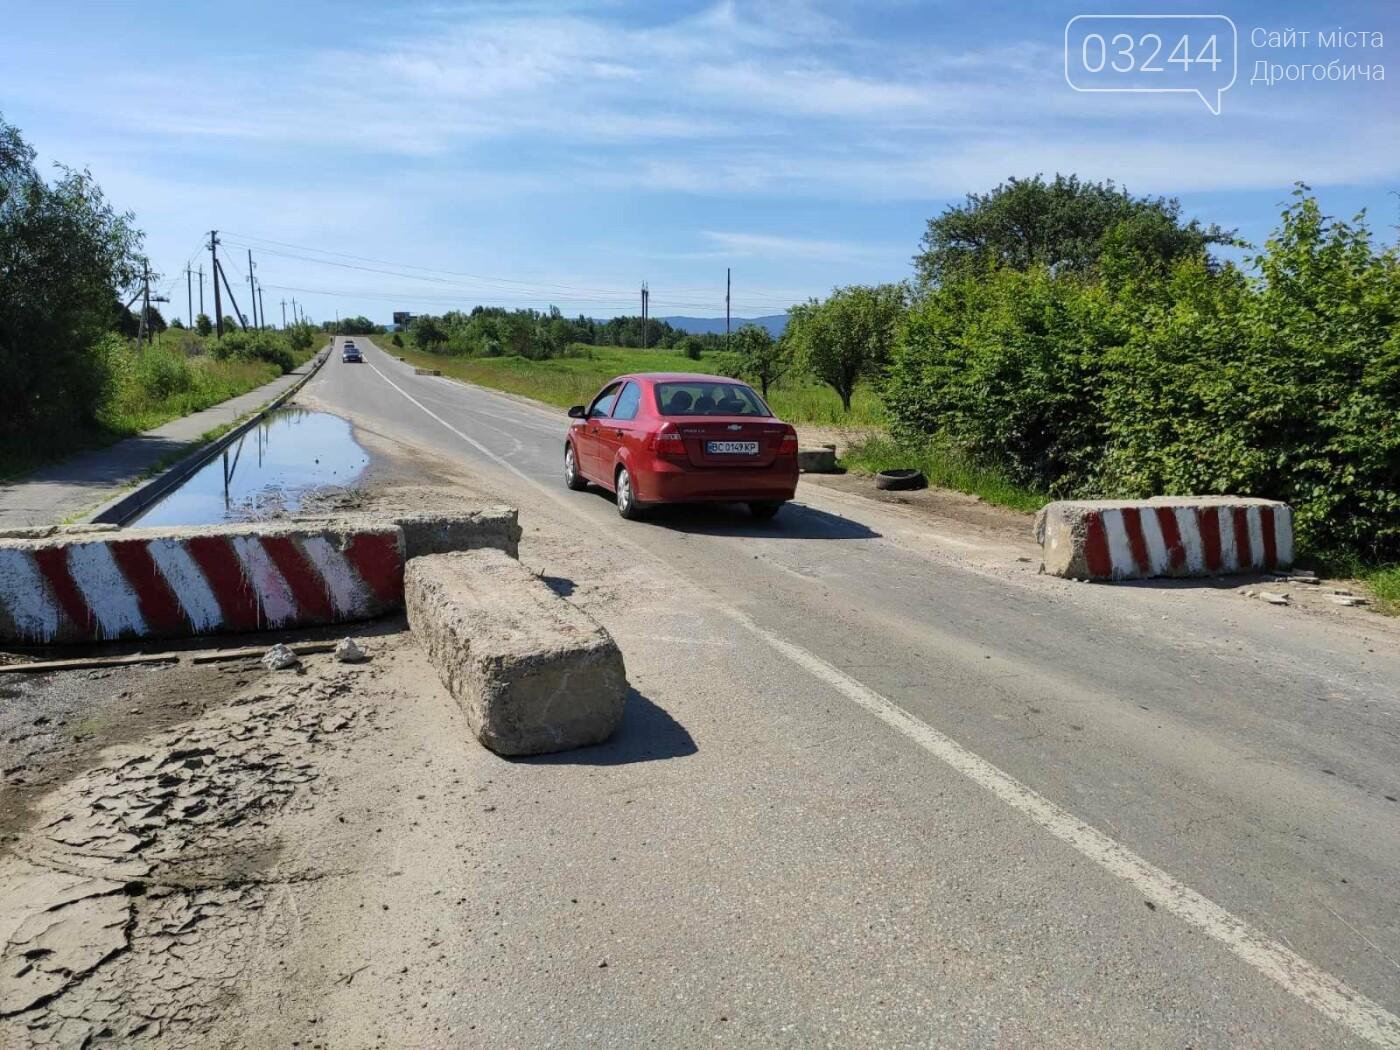 Дорогу на Трускавець вчергове відкрили: вночі відсунули бетонні блоки, - ФОТО, фото-9